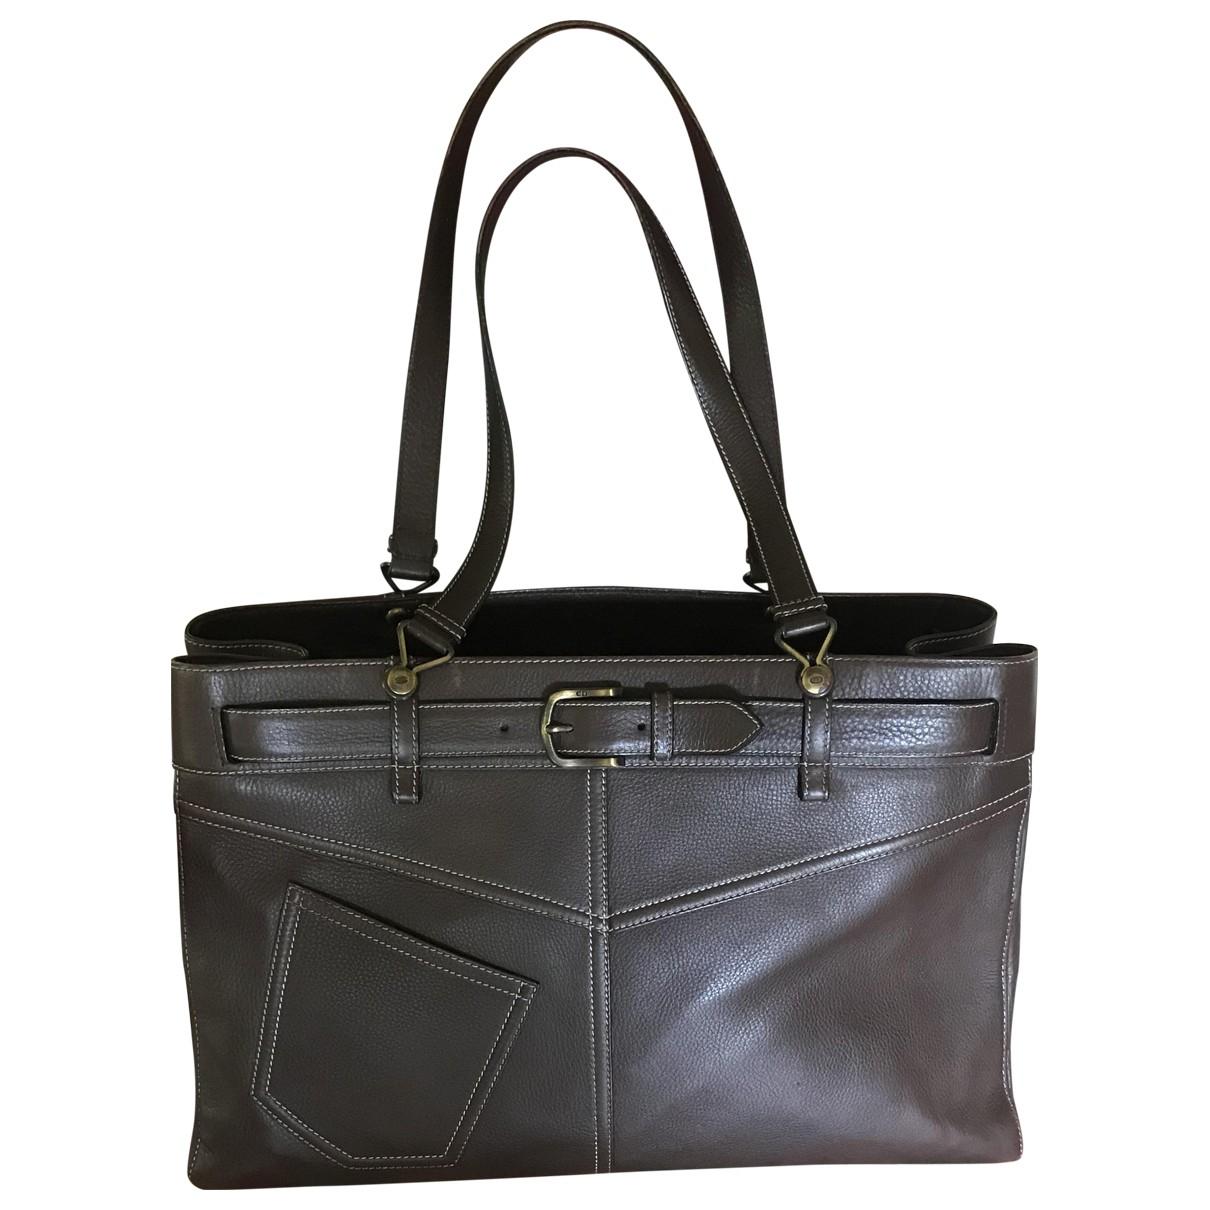 Dior - Sac a main   pour femme en cuir - marron